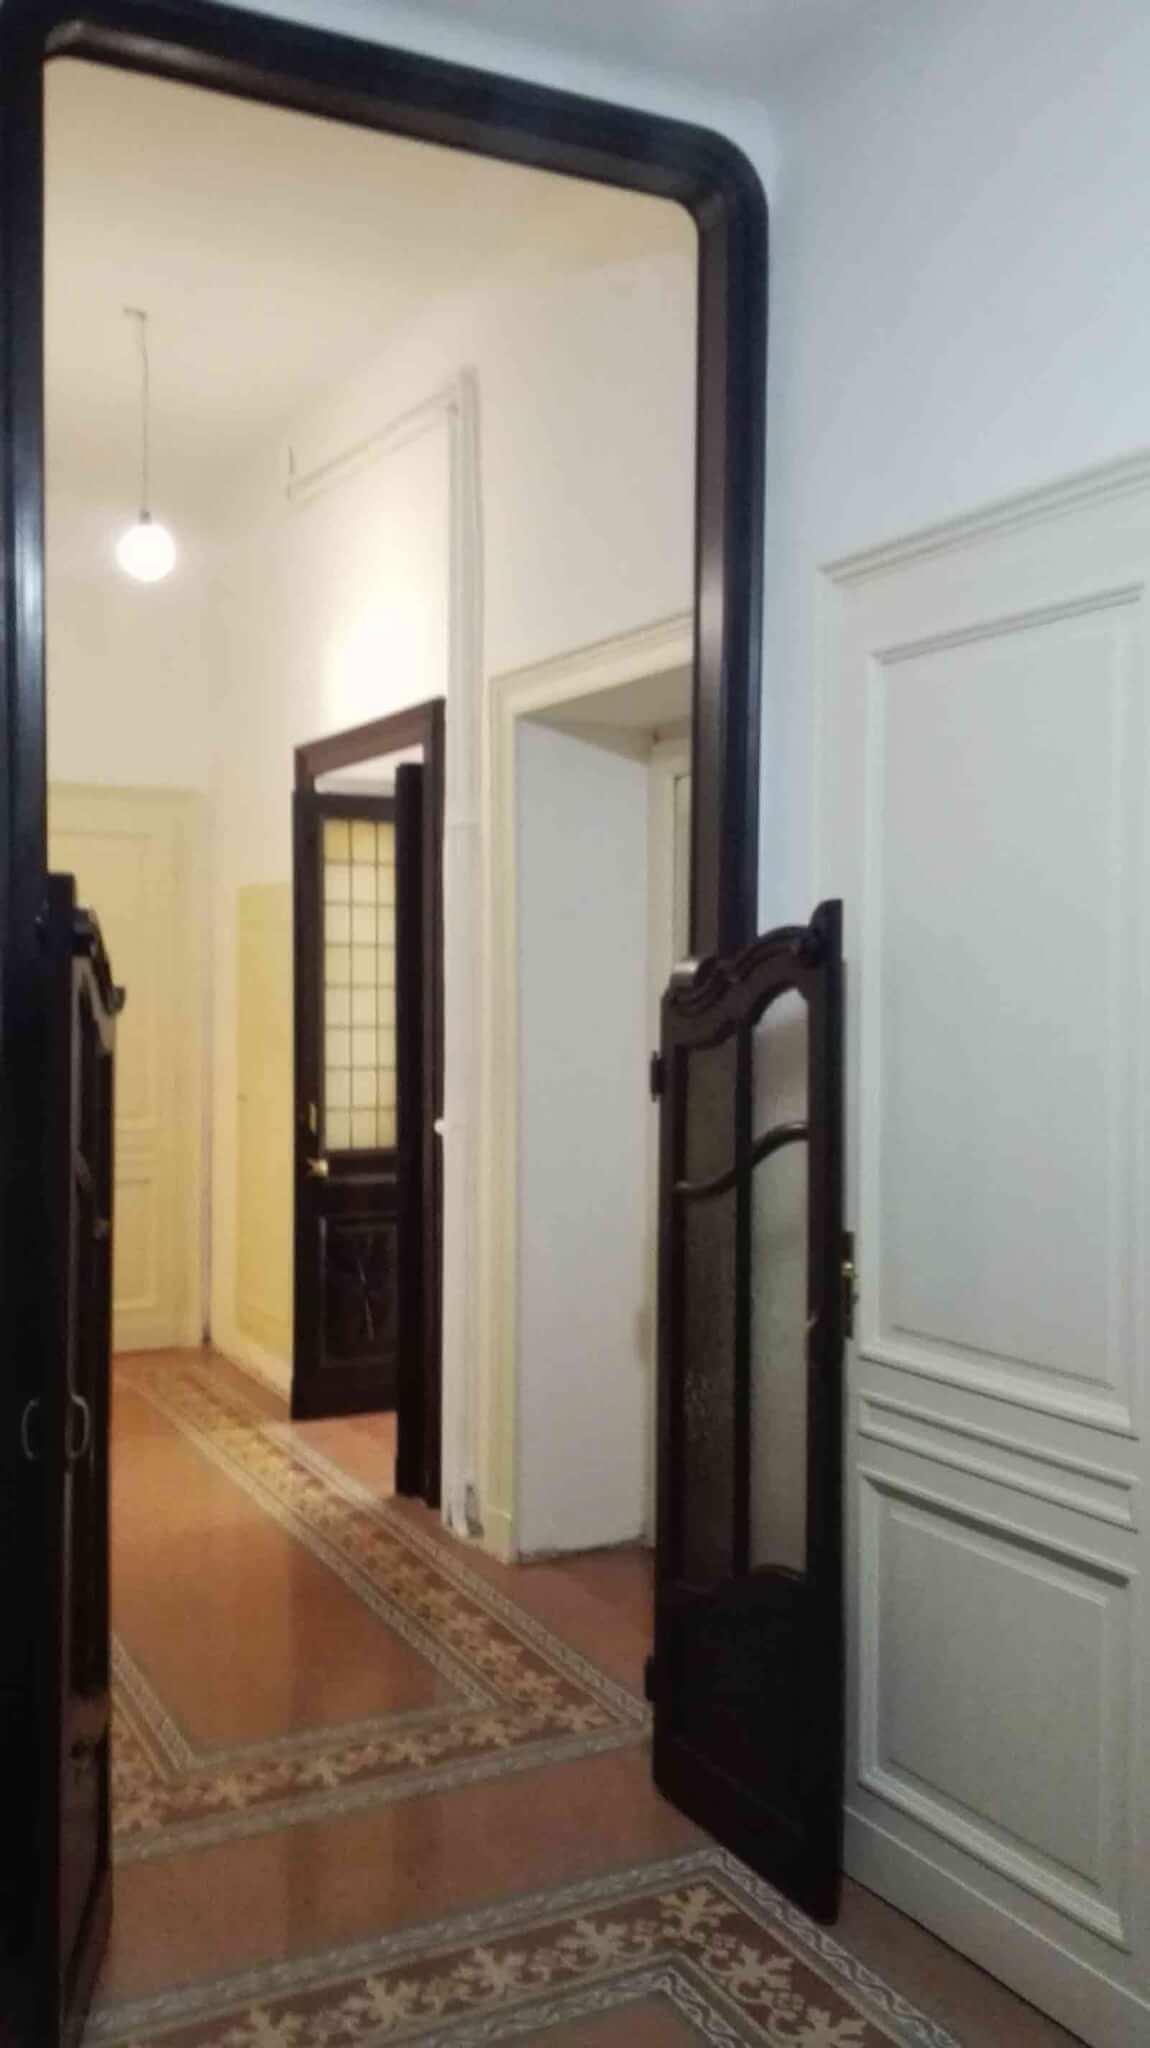 Foto Di Porte Antiche carteggiatura e verniciatura porte antiche - falegnameria